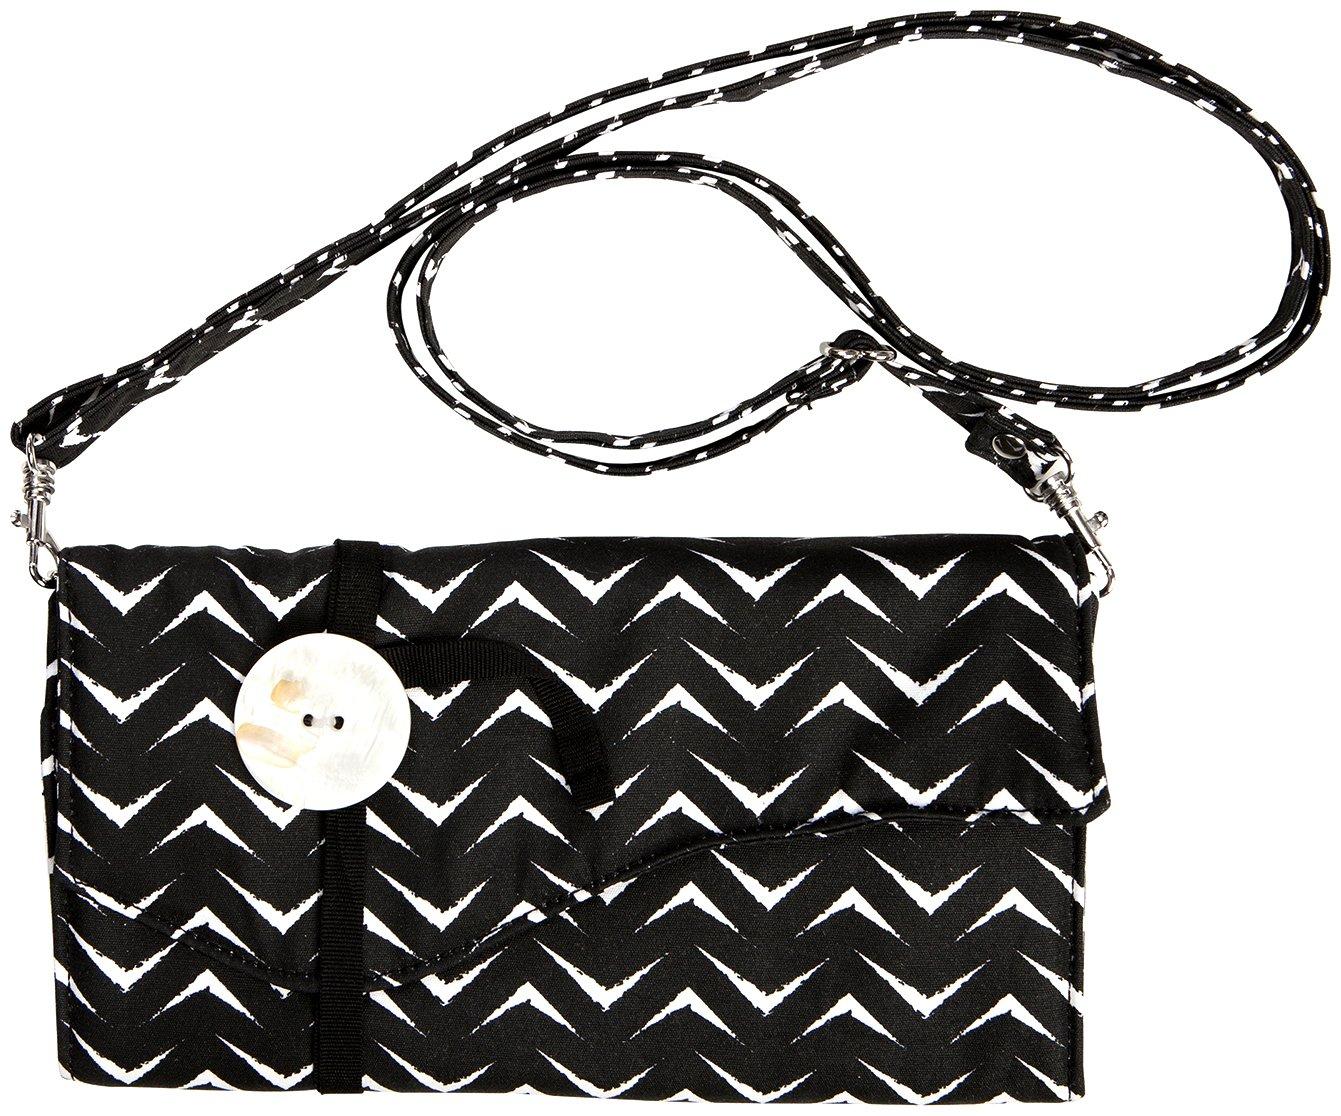 C.R. Gibson IOTA Wallet, Moxie, One Size